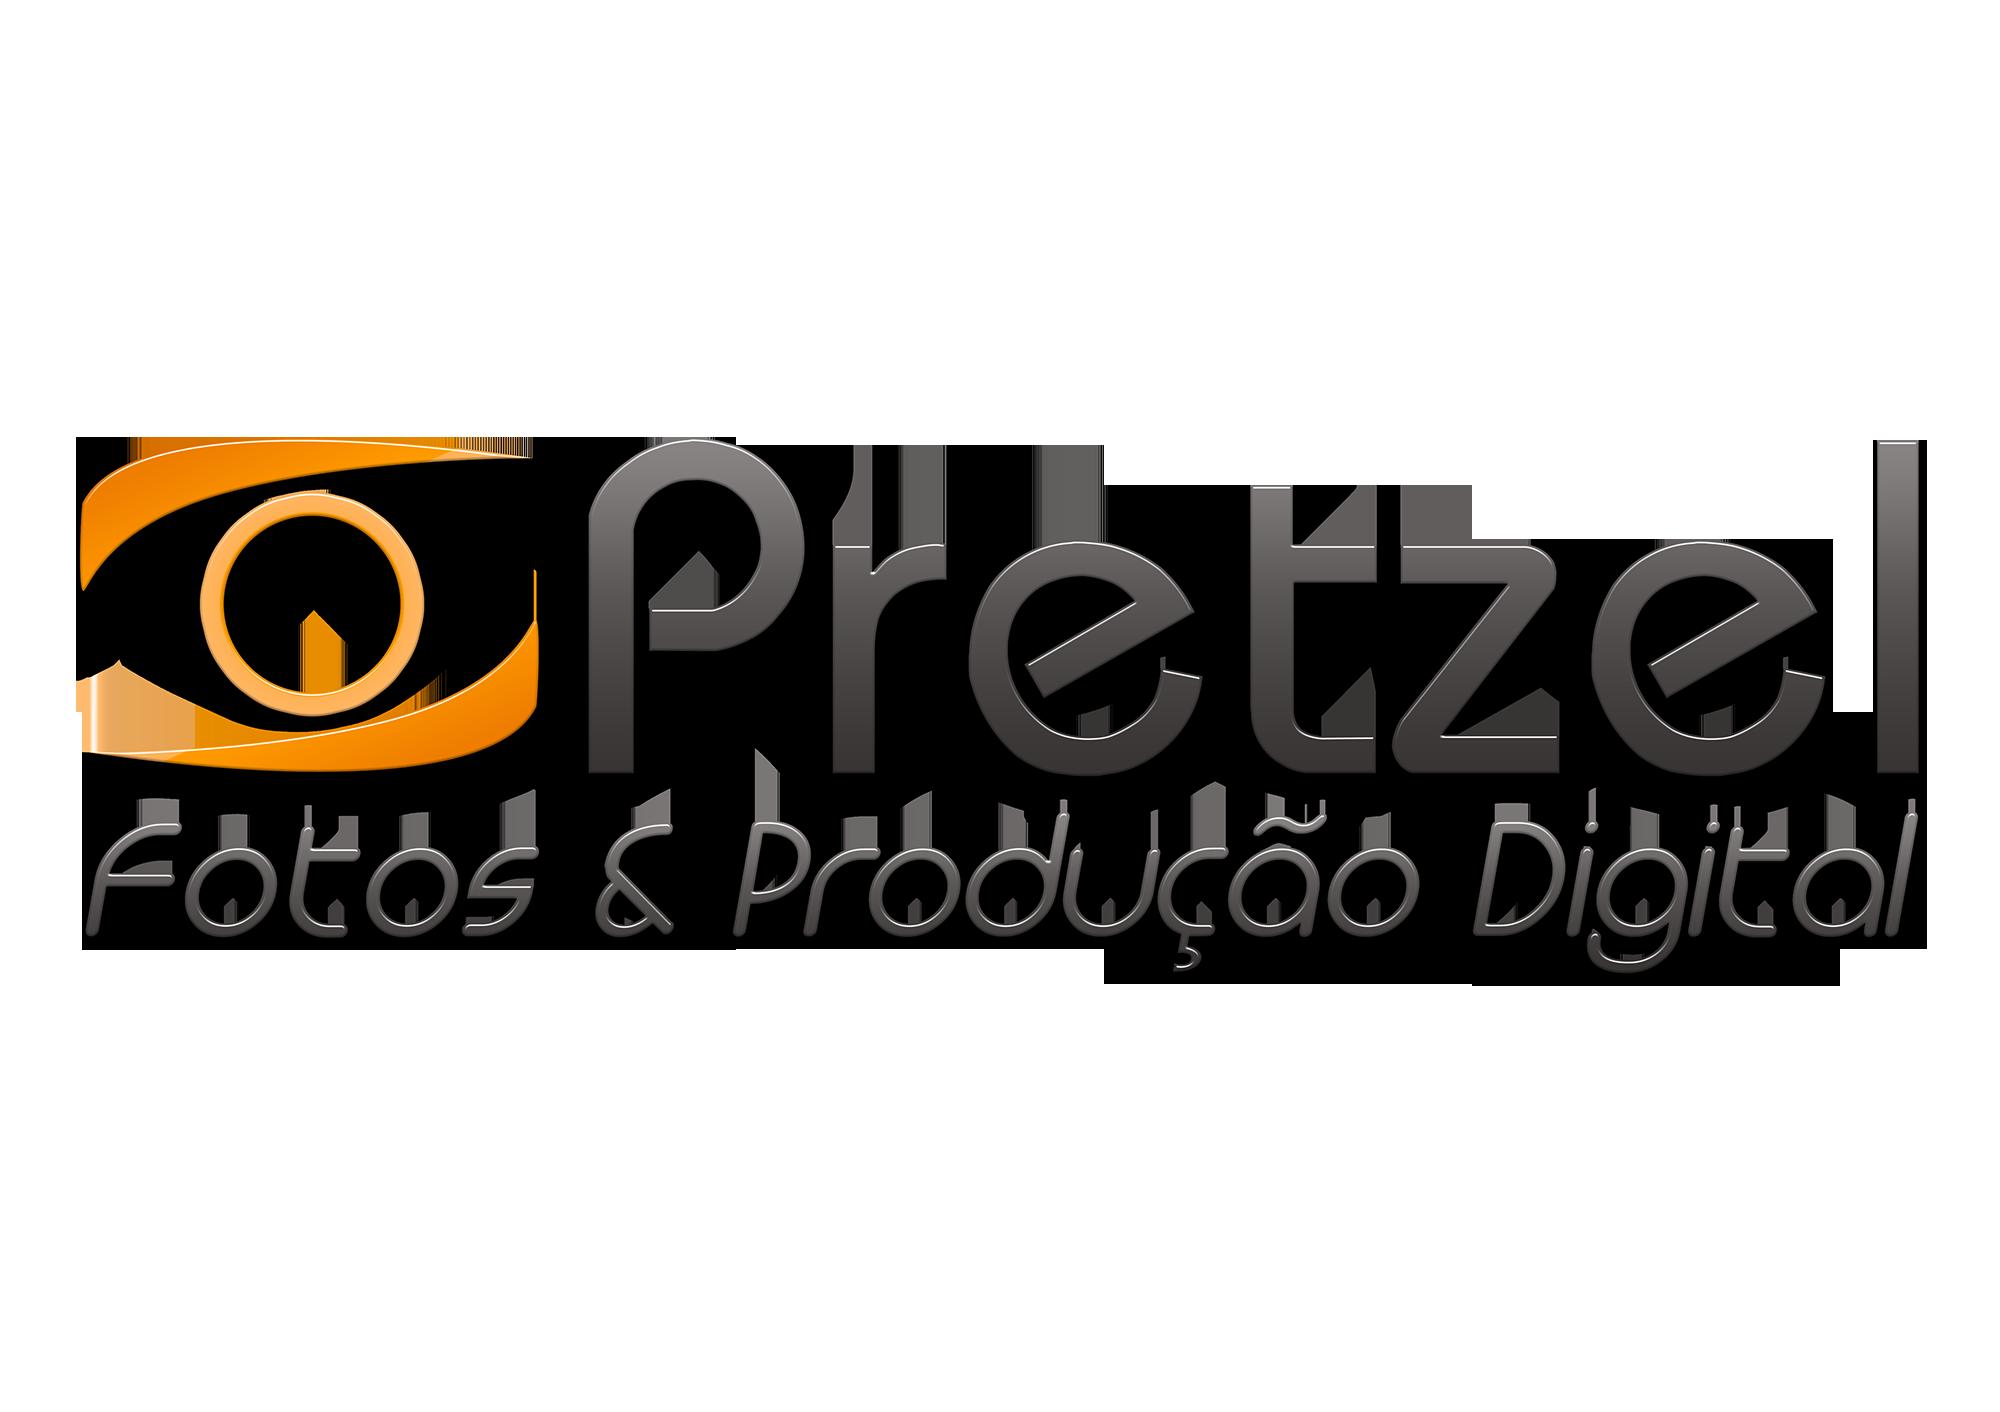 Pretzel - Fotos & Produção Digital